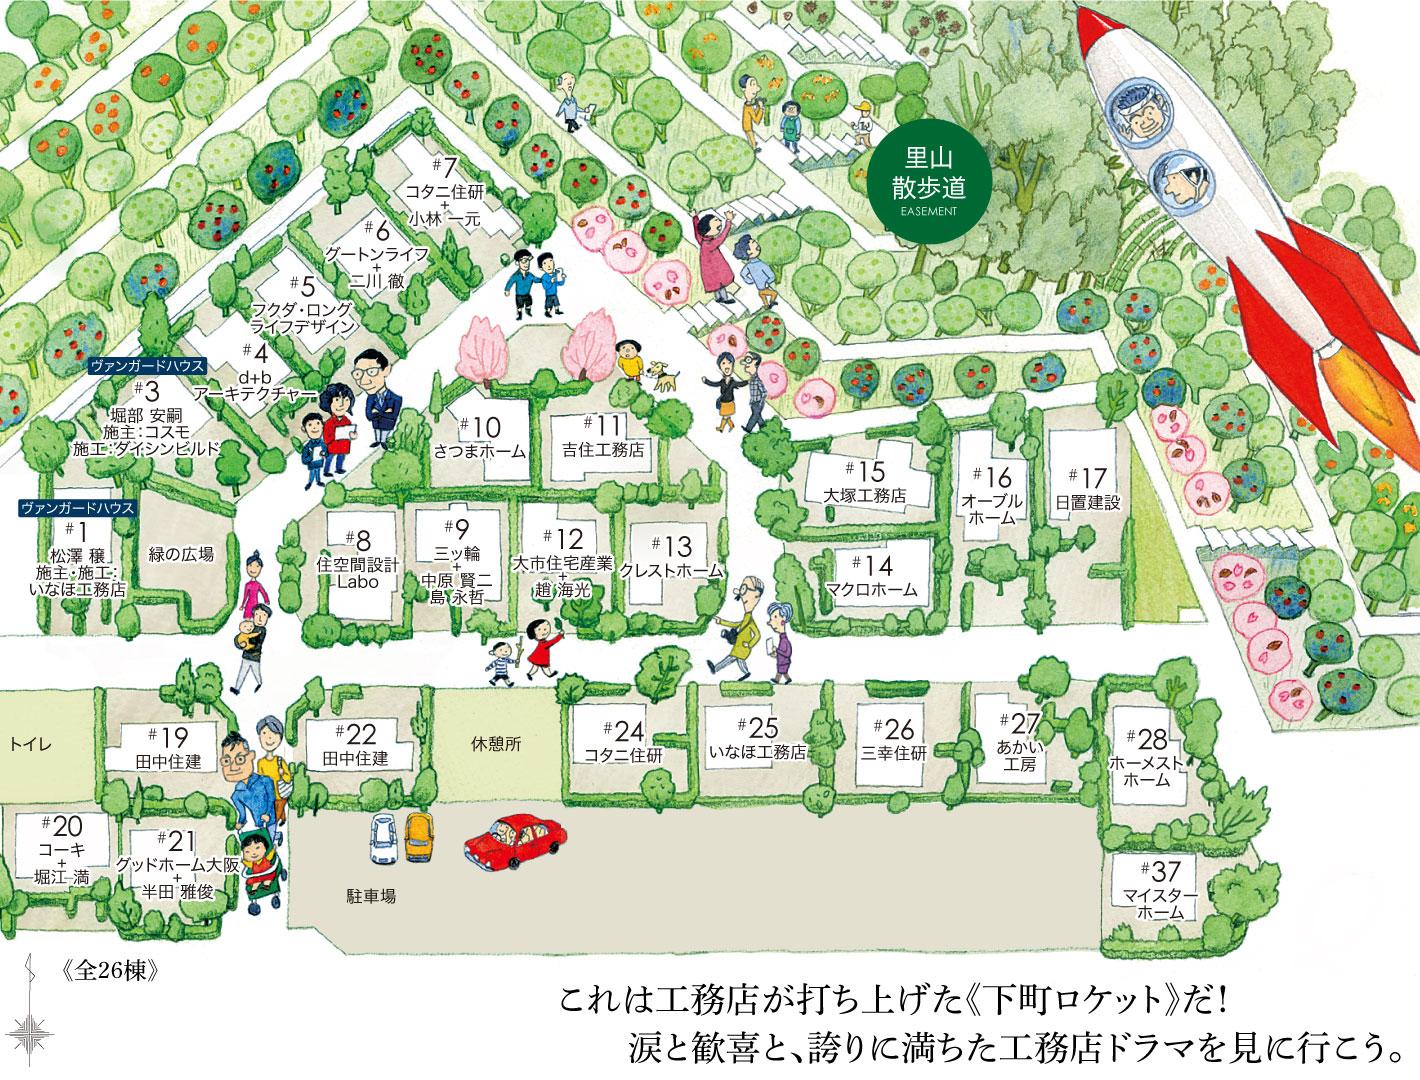 街区イメージ